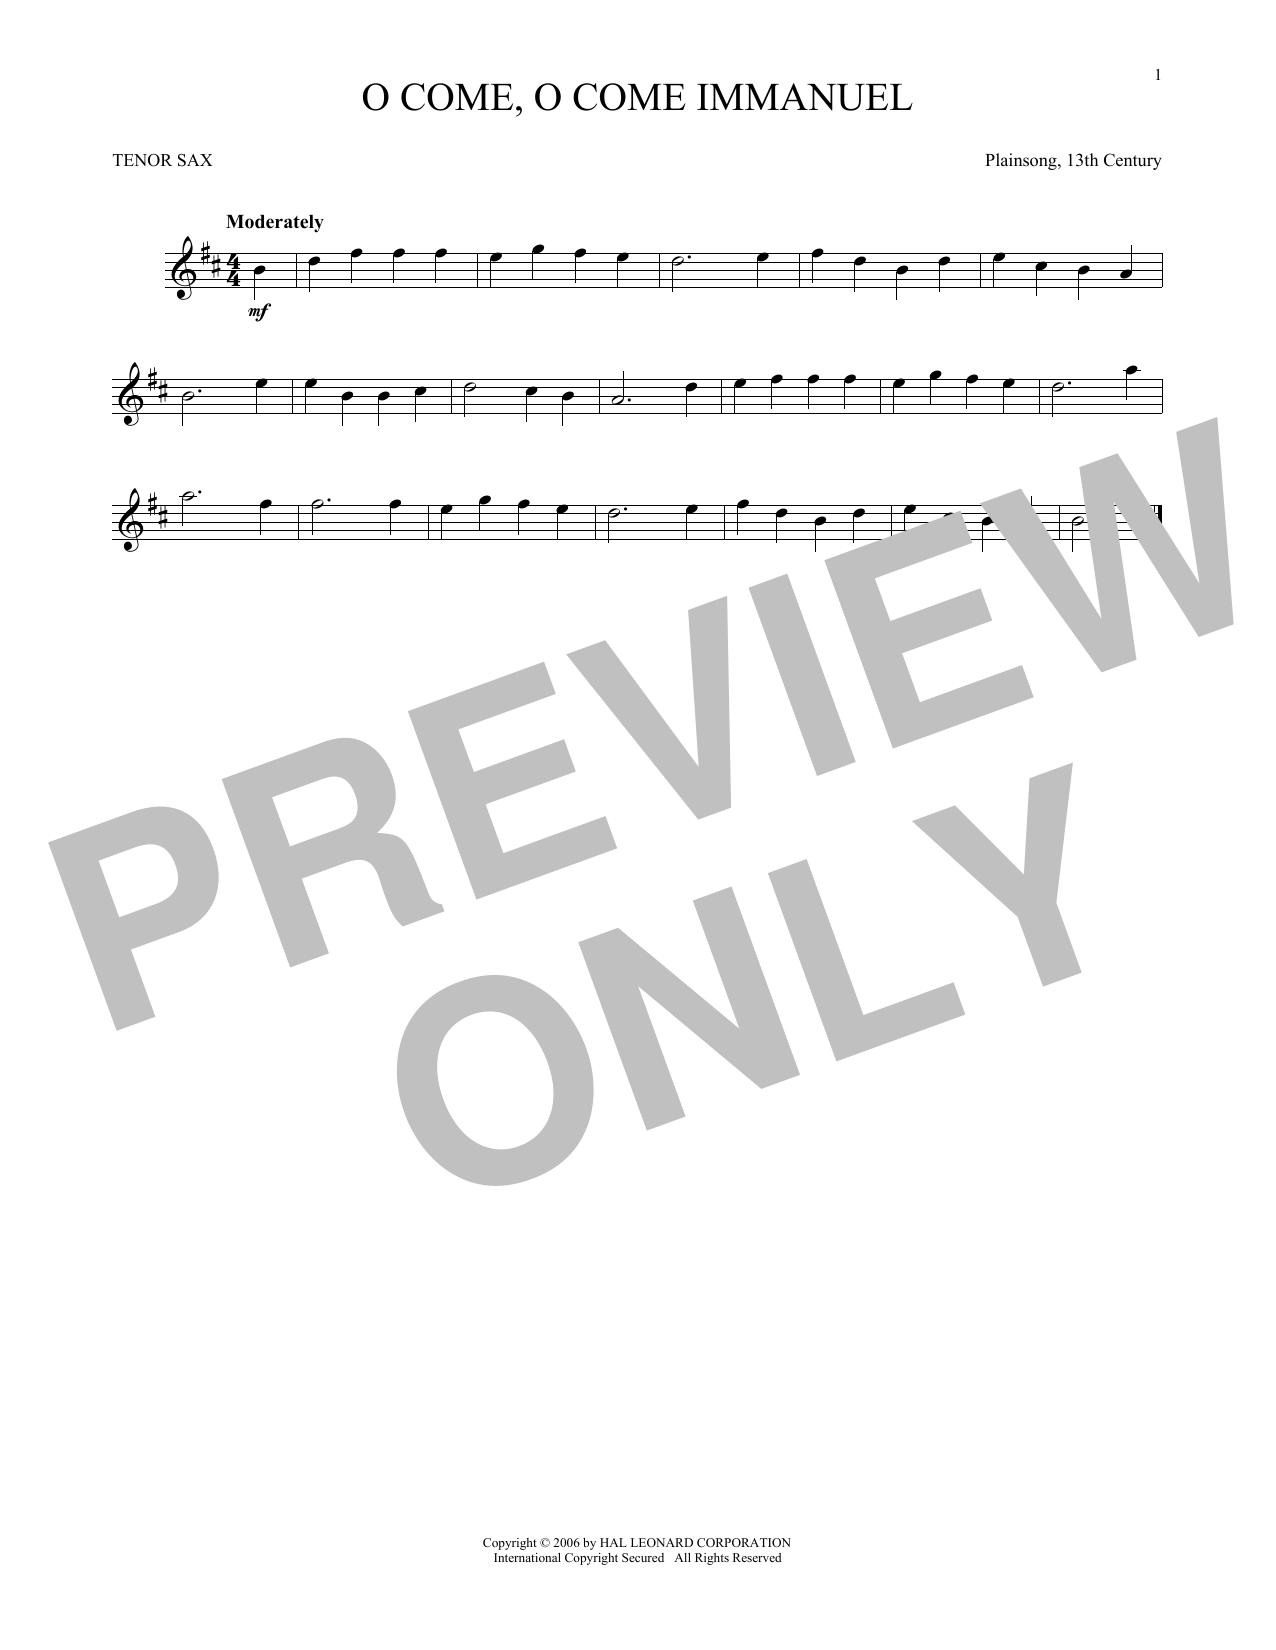 O Come, O Come Immanuel (Tenor Sax Solo)